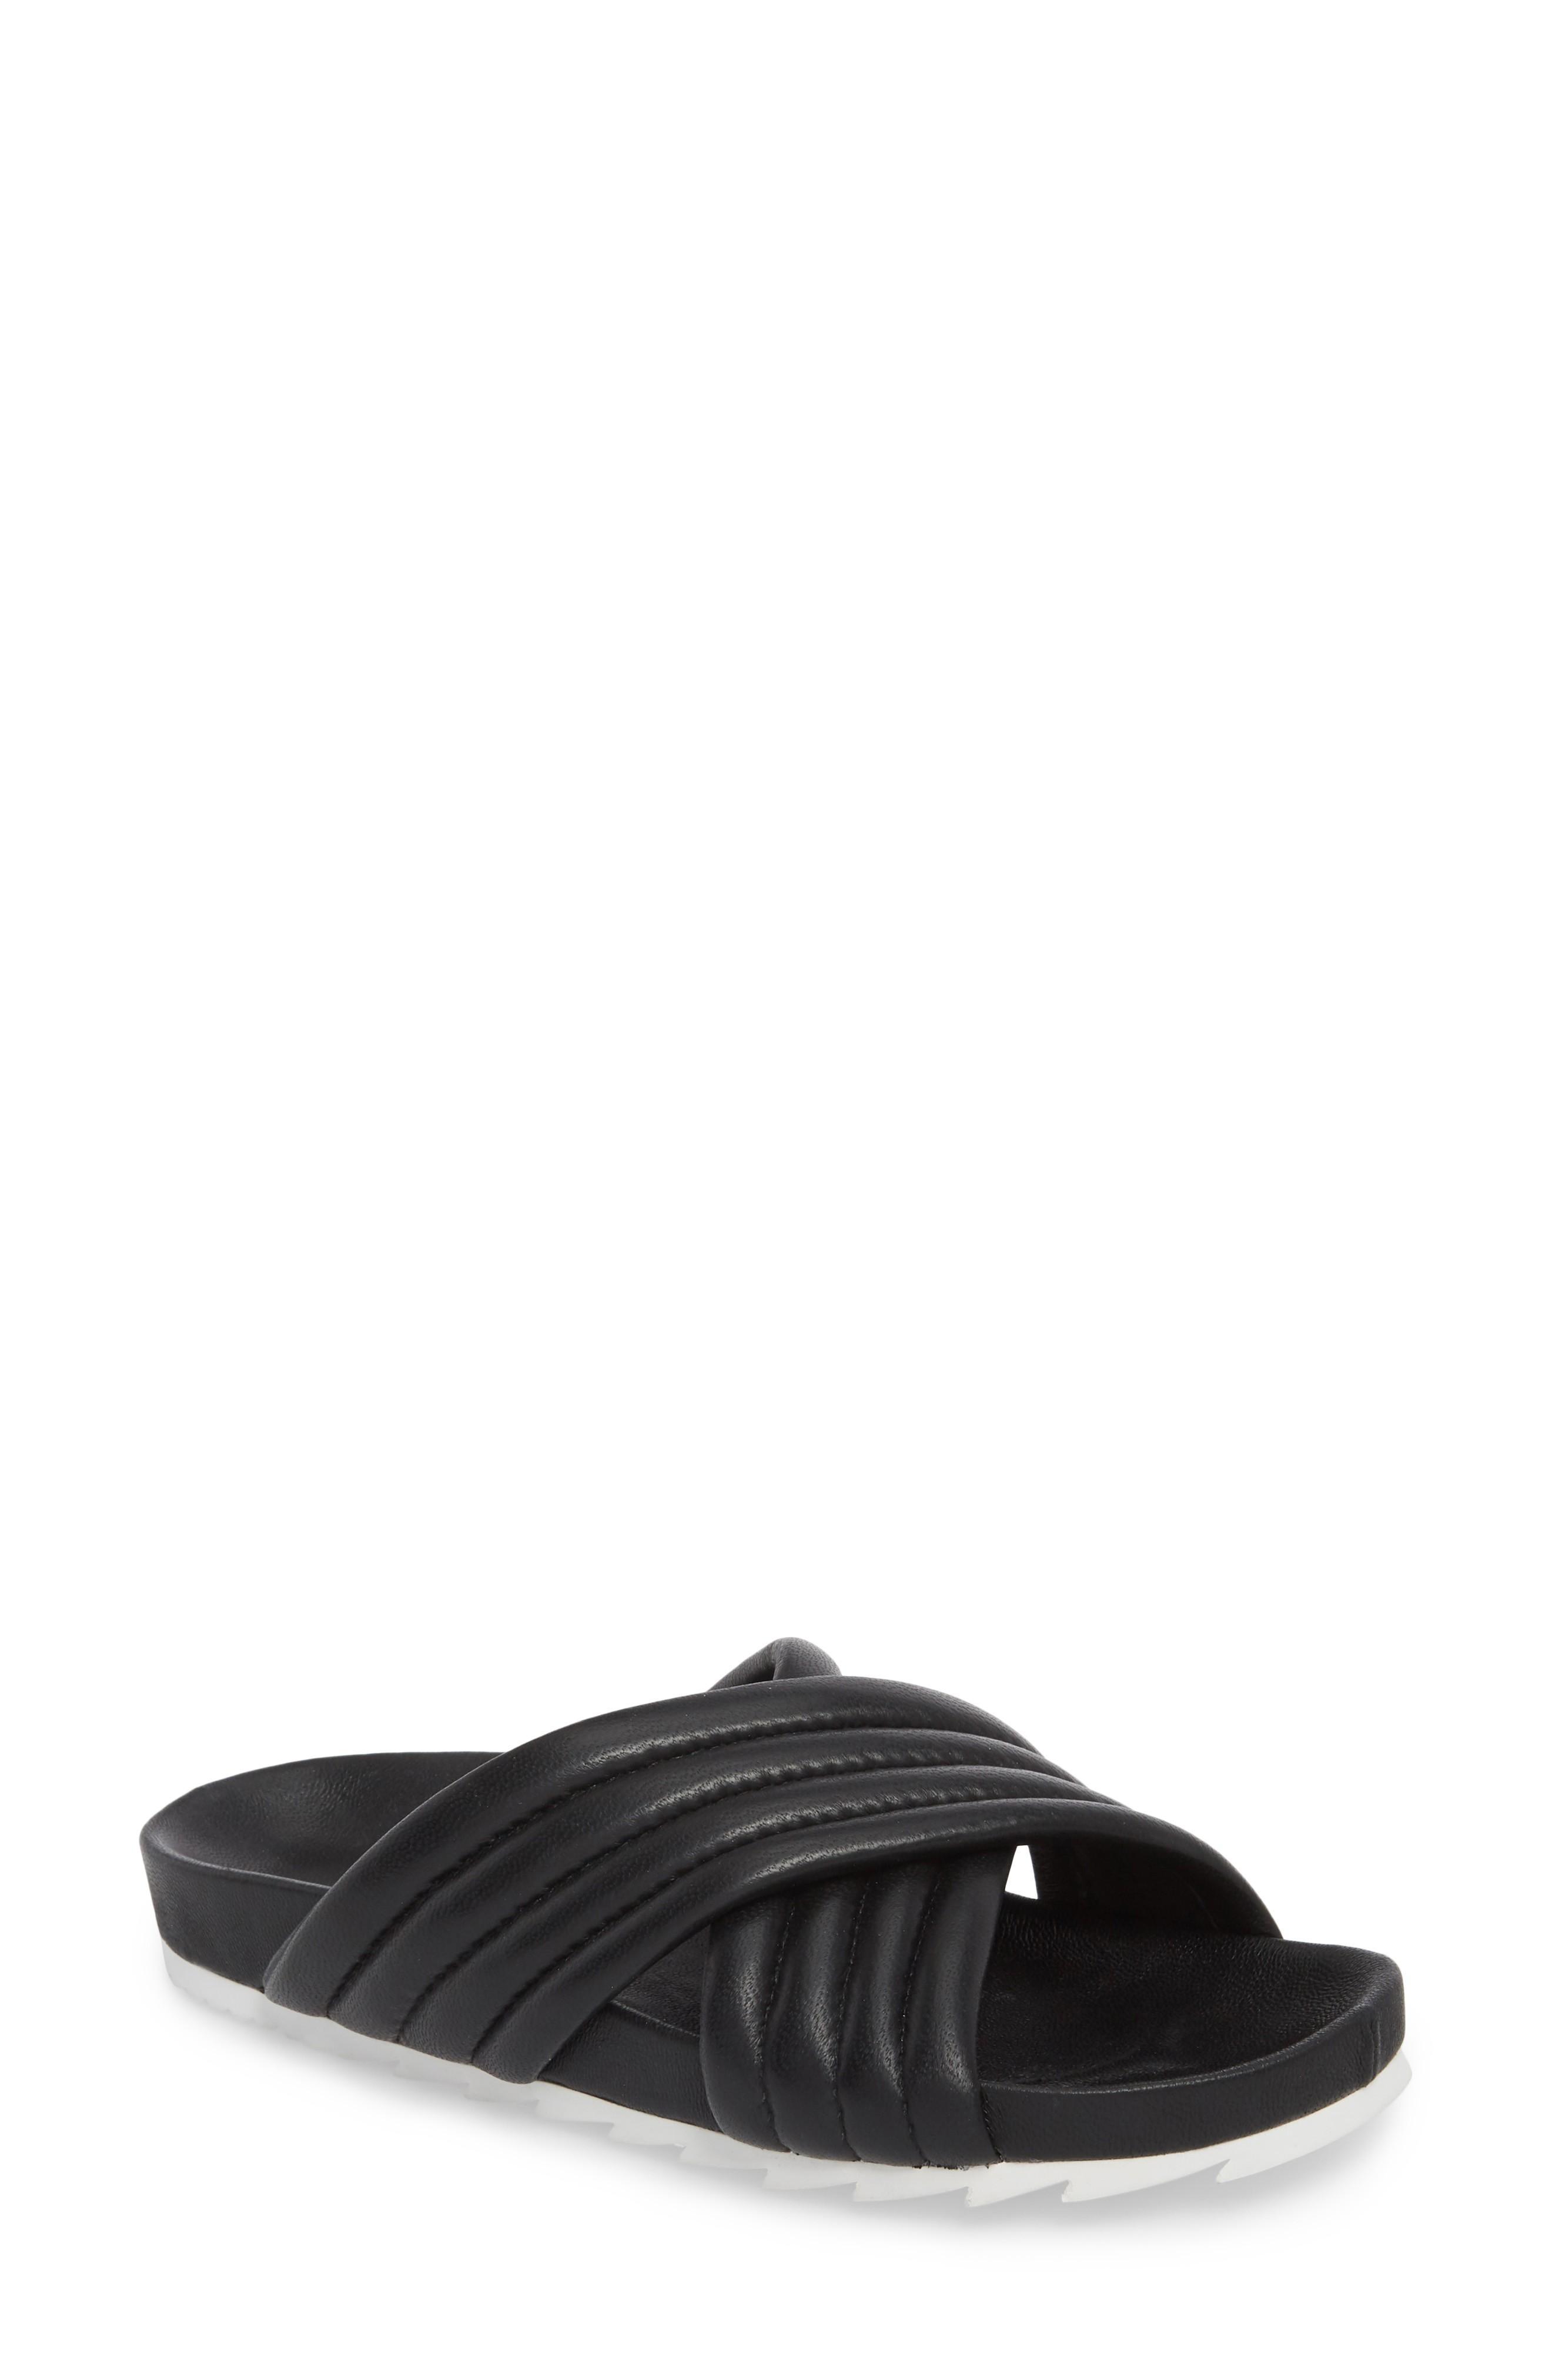 Jslides Easy Slide Sandal In Black Leather